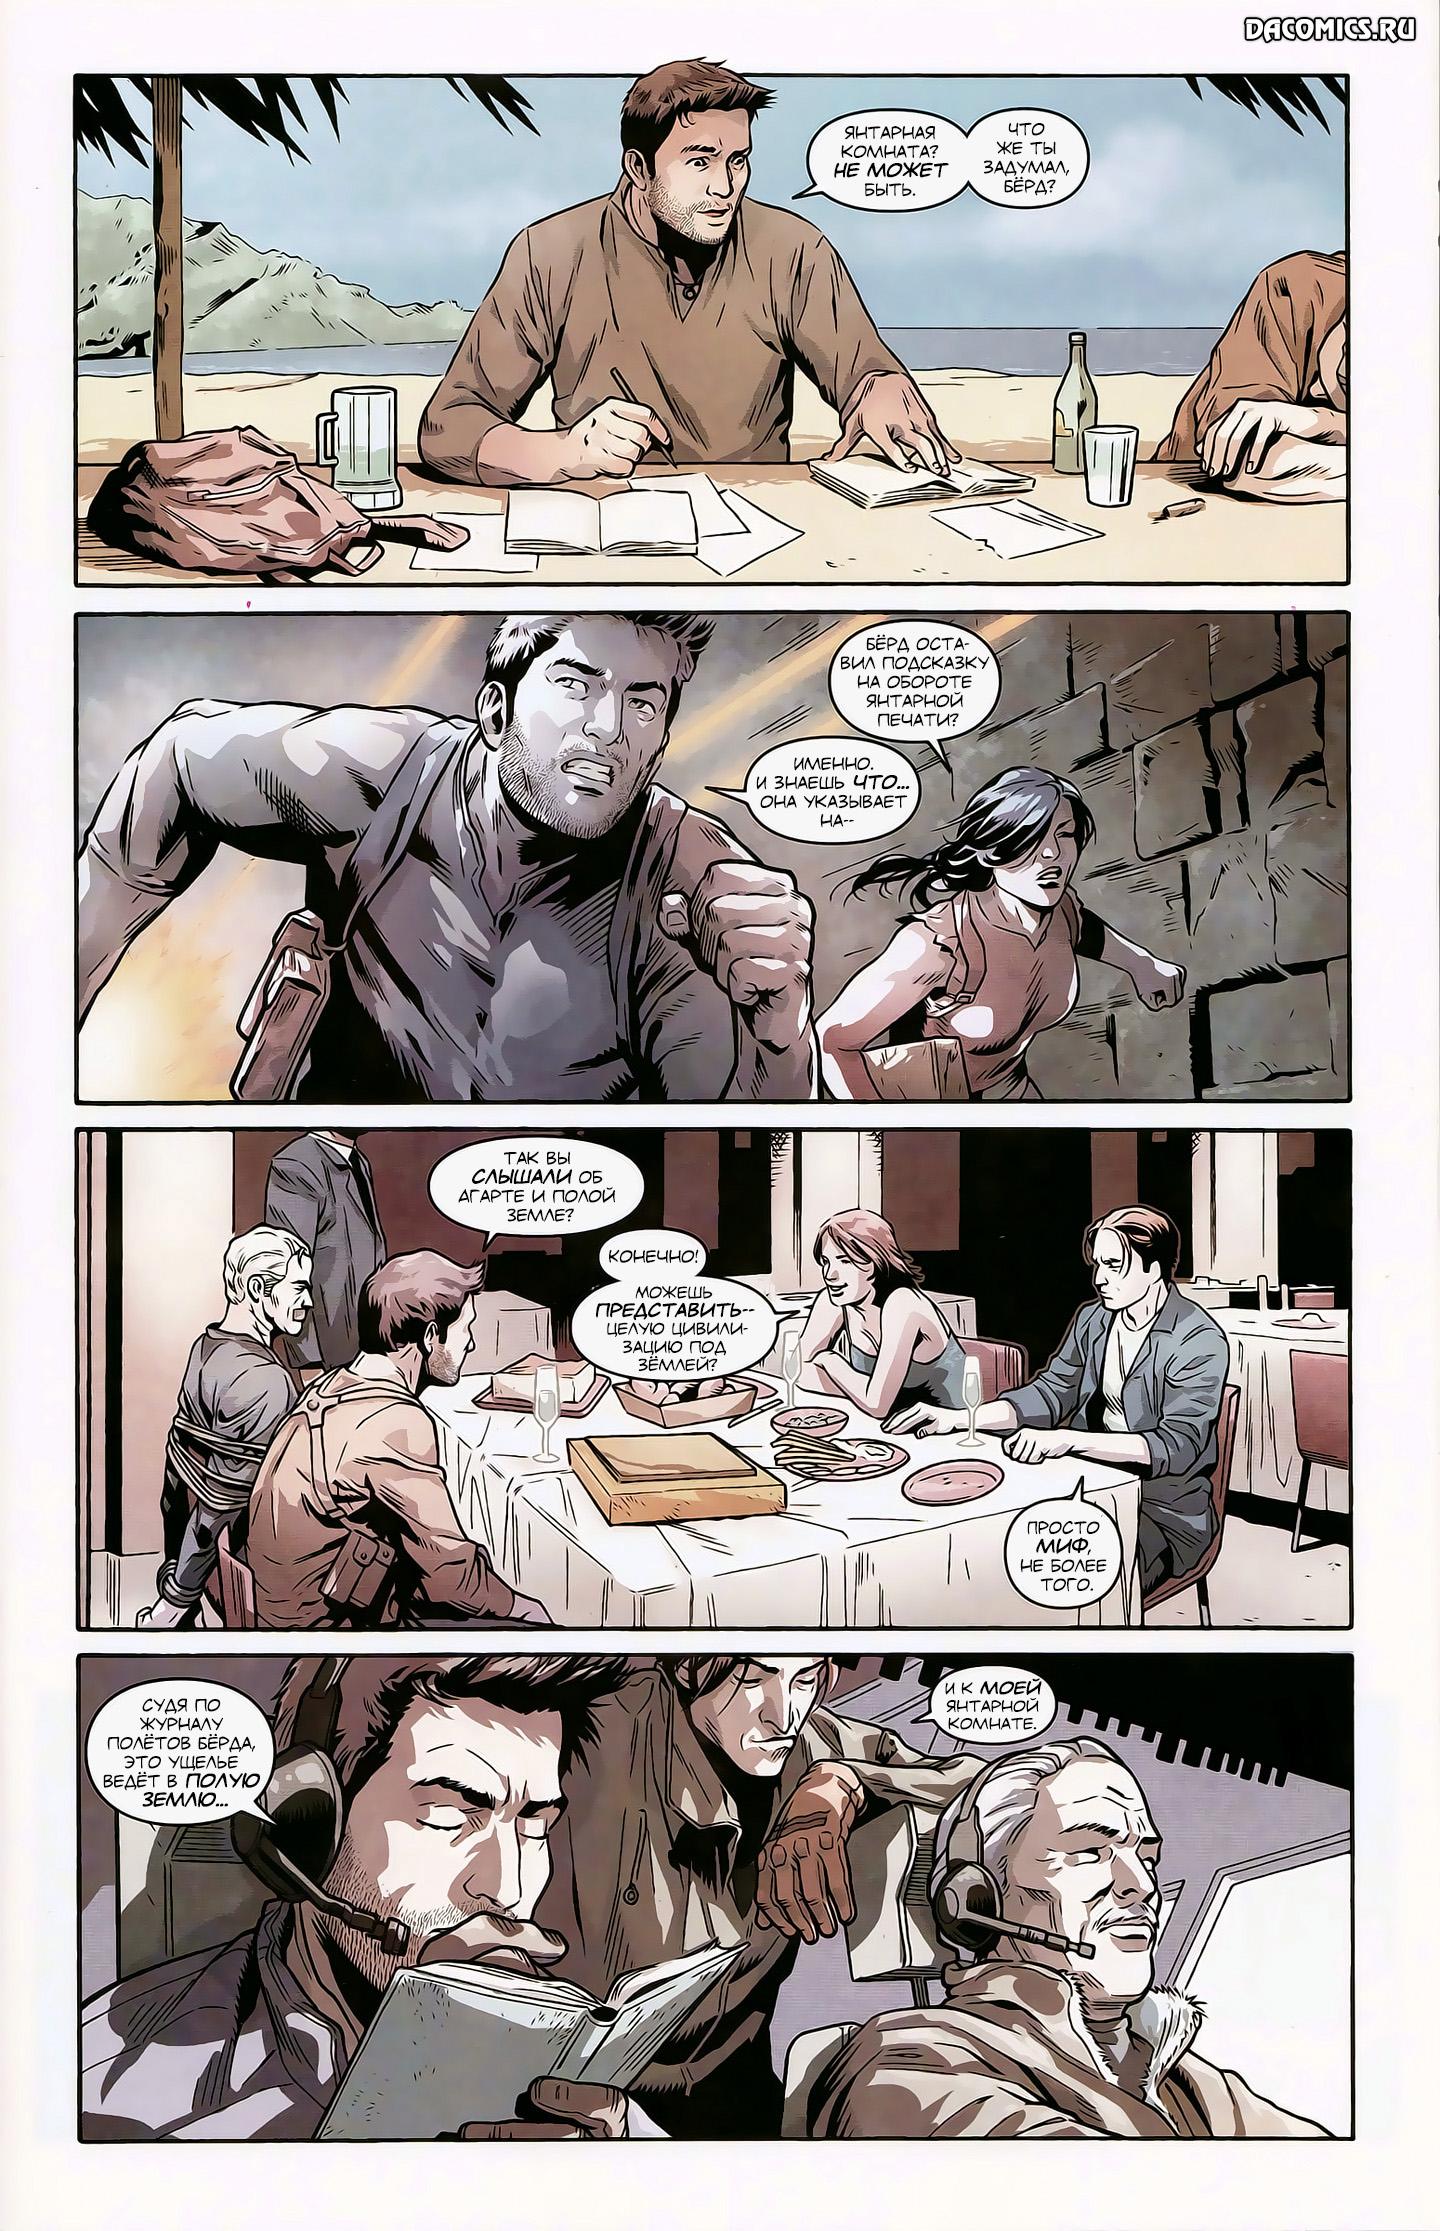 """Неожиданно заметил комикс про """"Unchated"""" в интернете  - Изображение 2"""